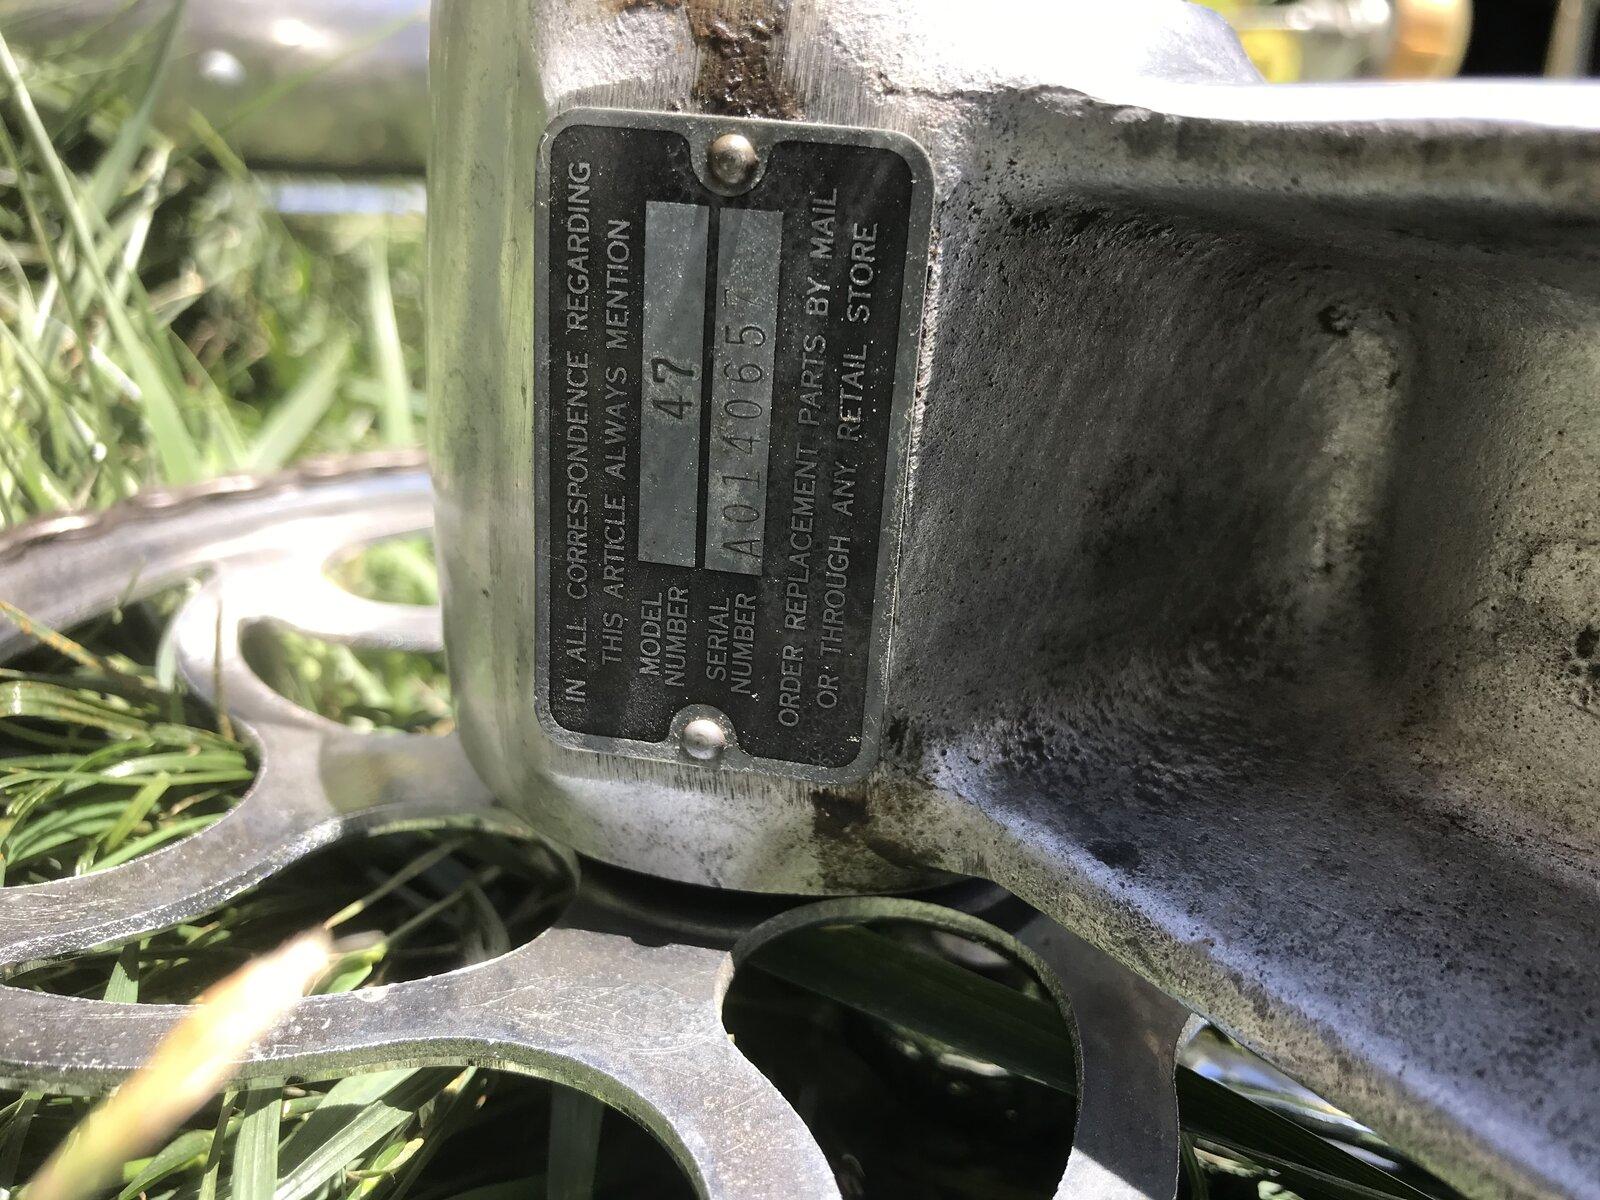 3E53DC55-F2AE-4A1E-B562-AE2D1AB51427.jpeg